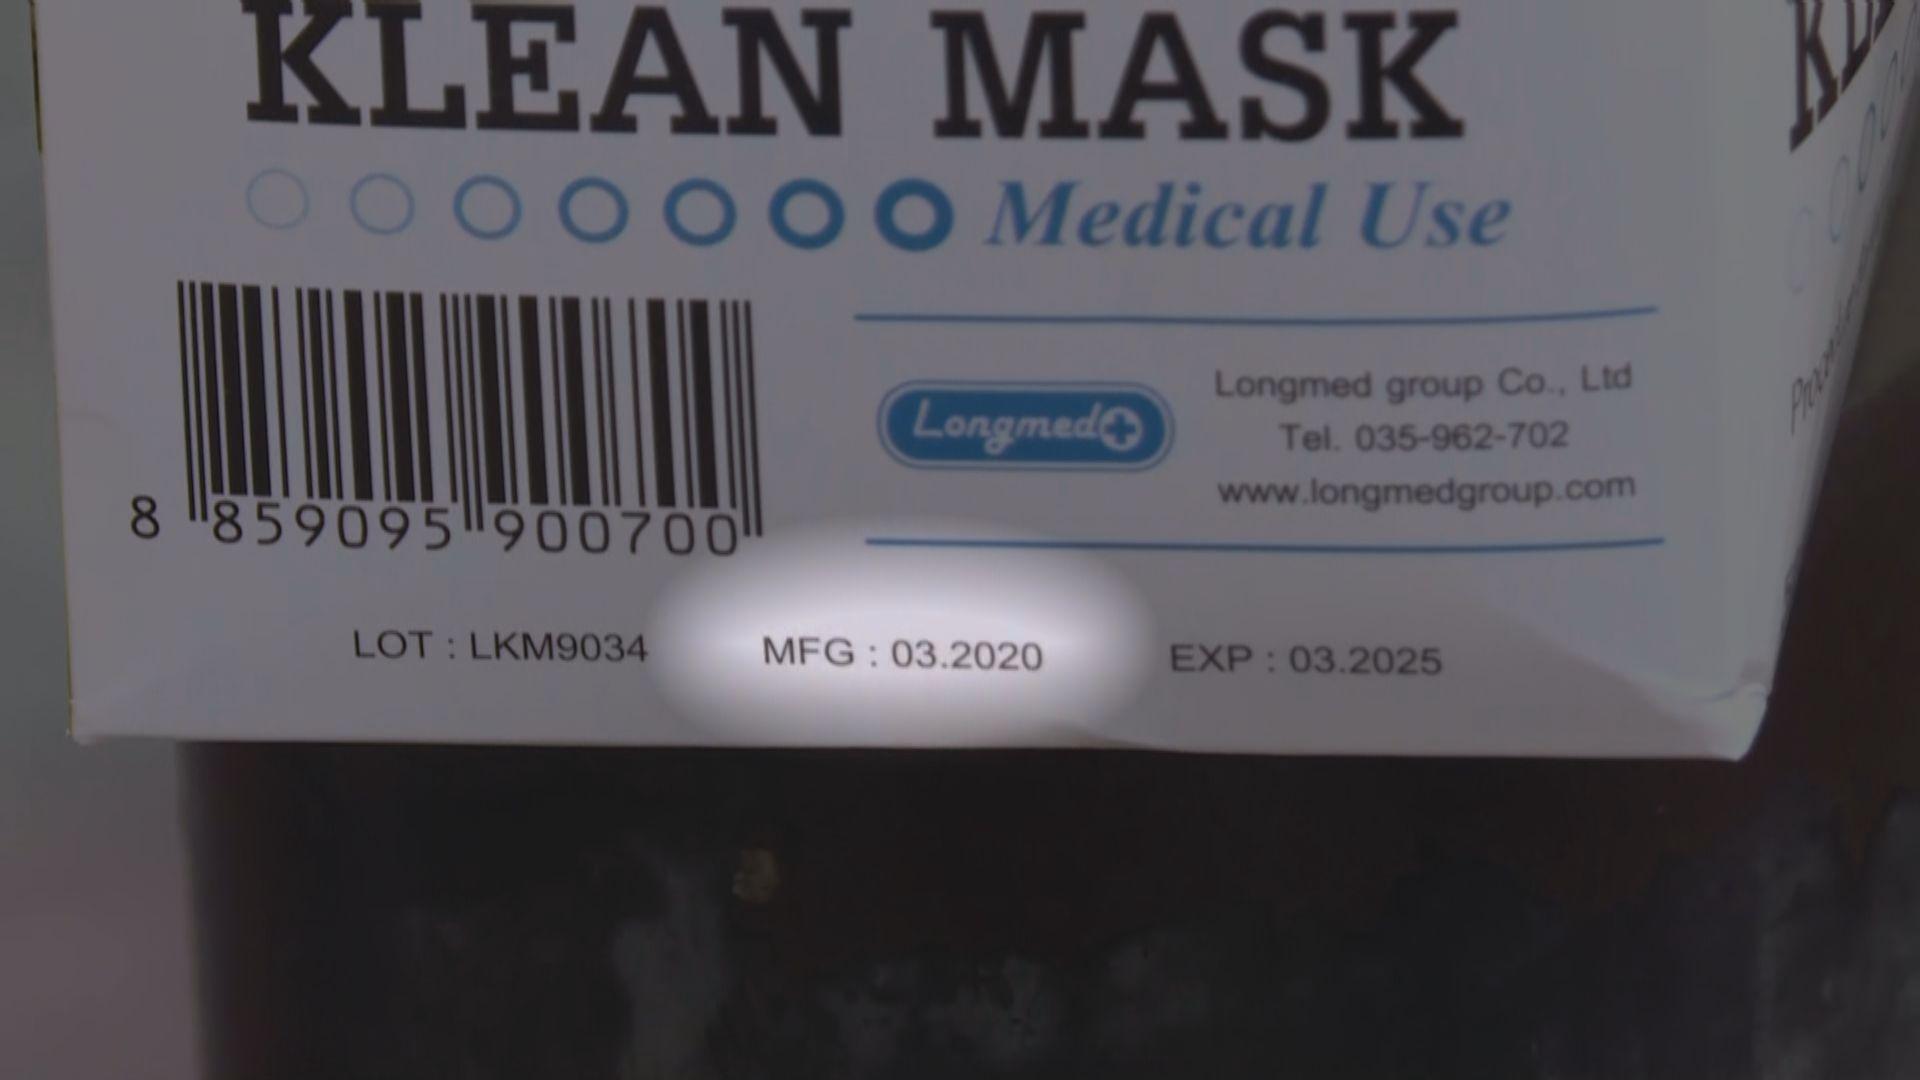 「未來口罩」生產商:全球缺貨故動用二三月包裝盒